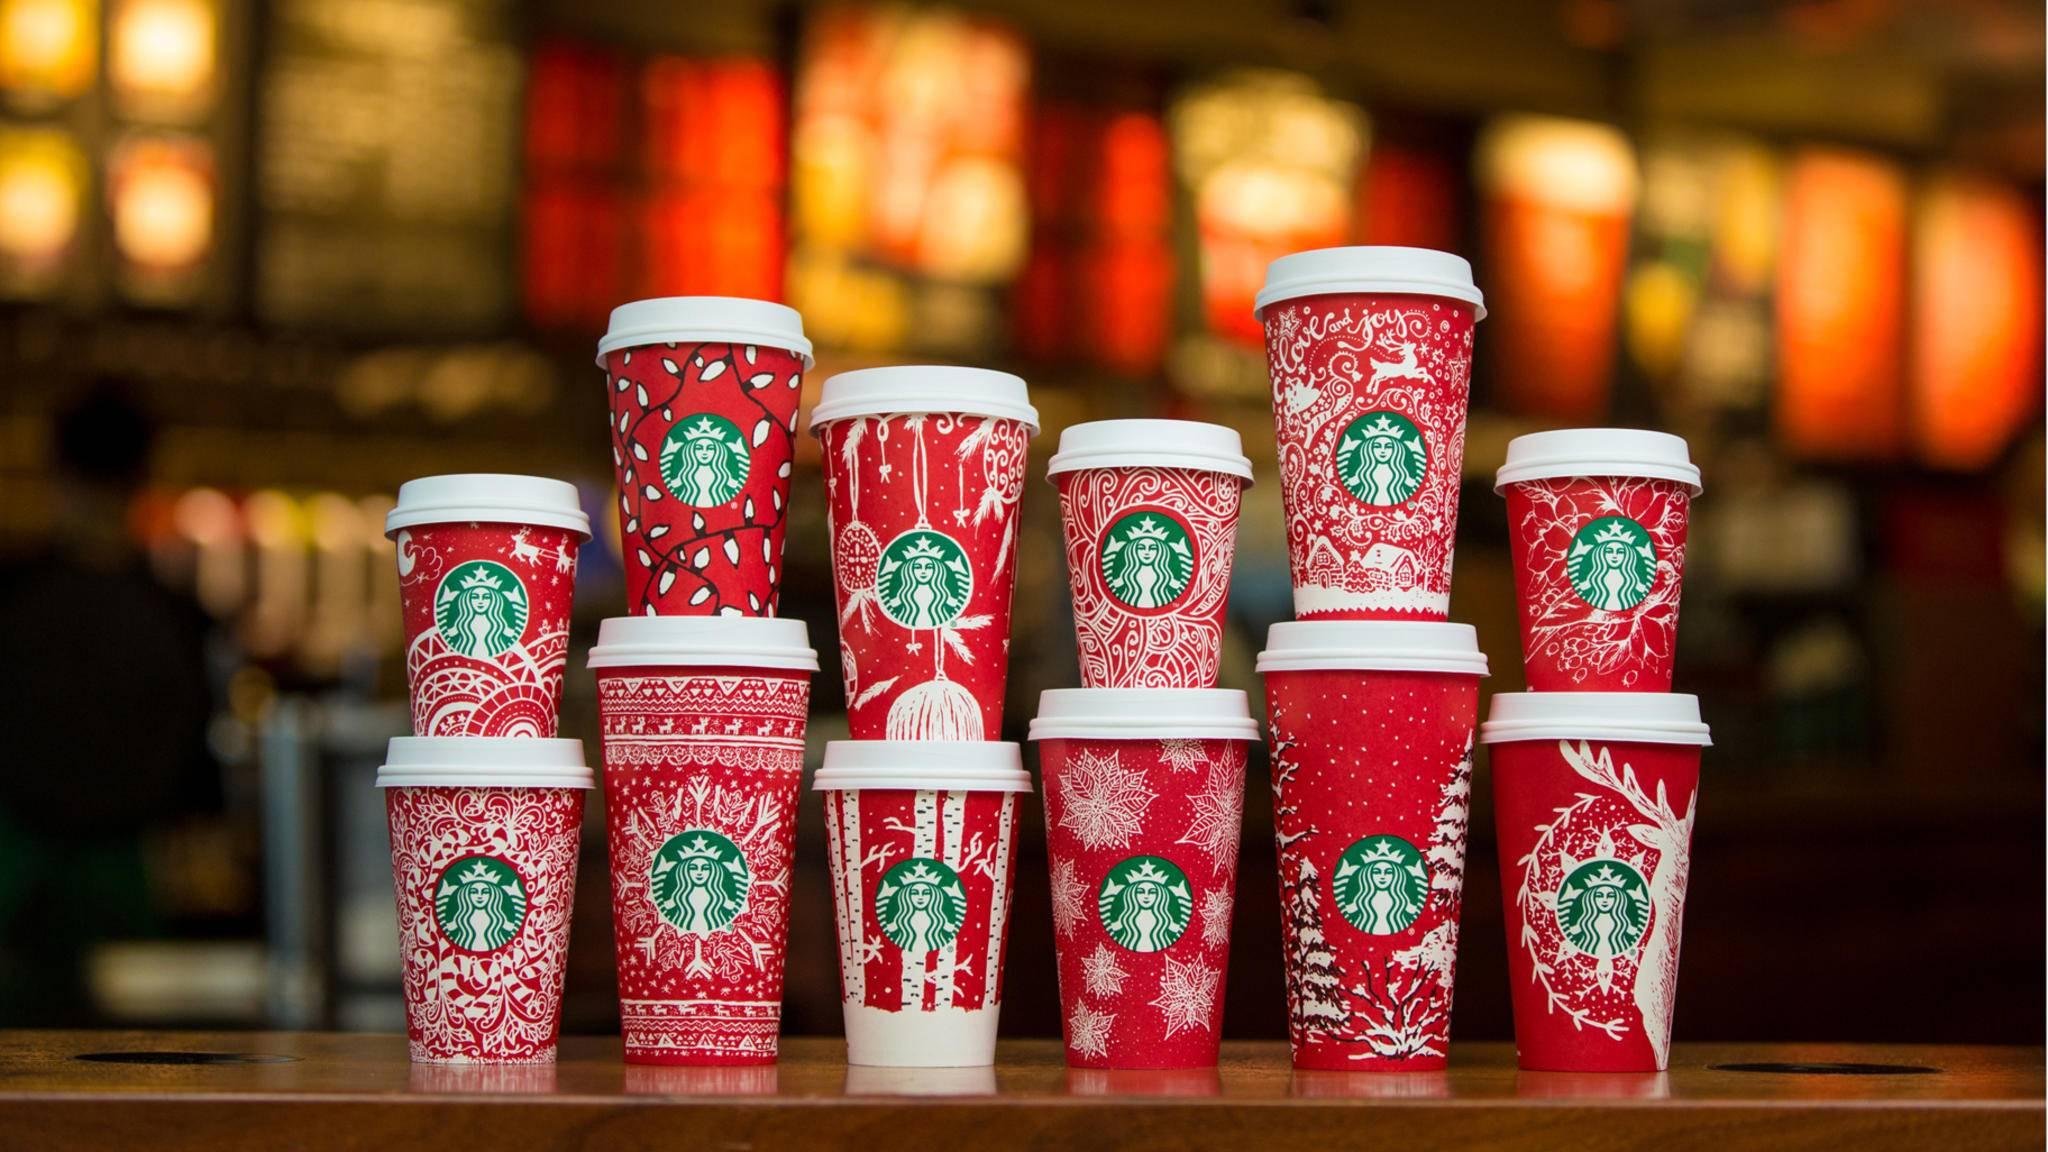 Es weihnachtet sehr auf den diesjährigen Bechern von Starbucks.